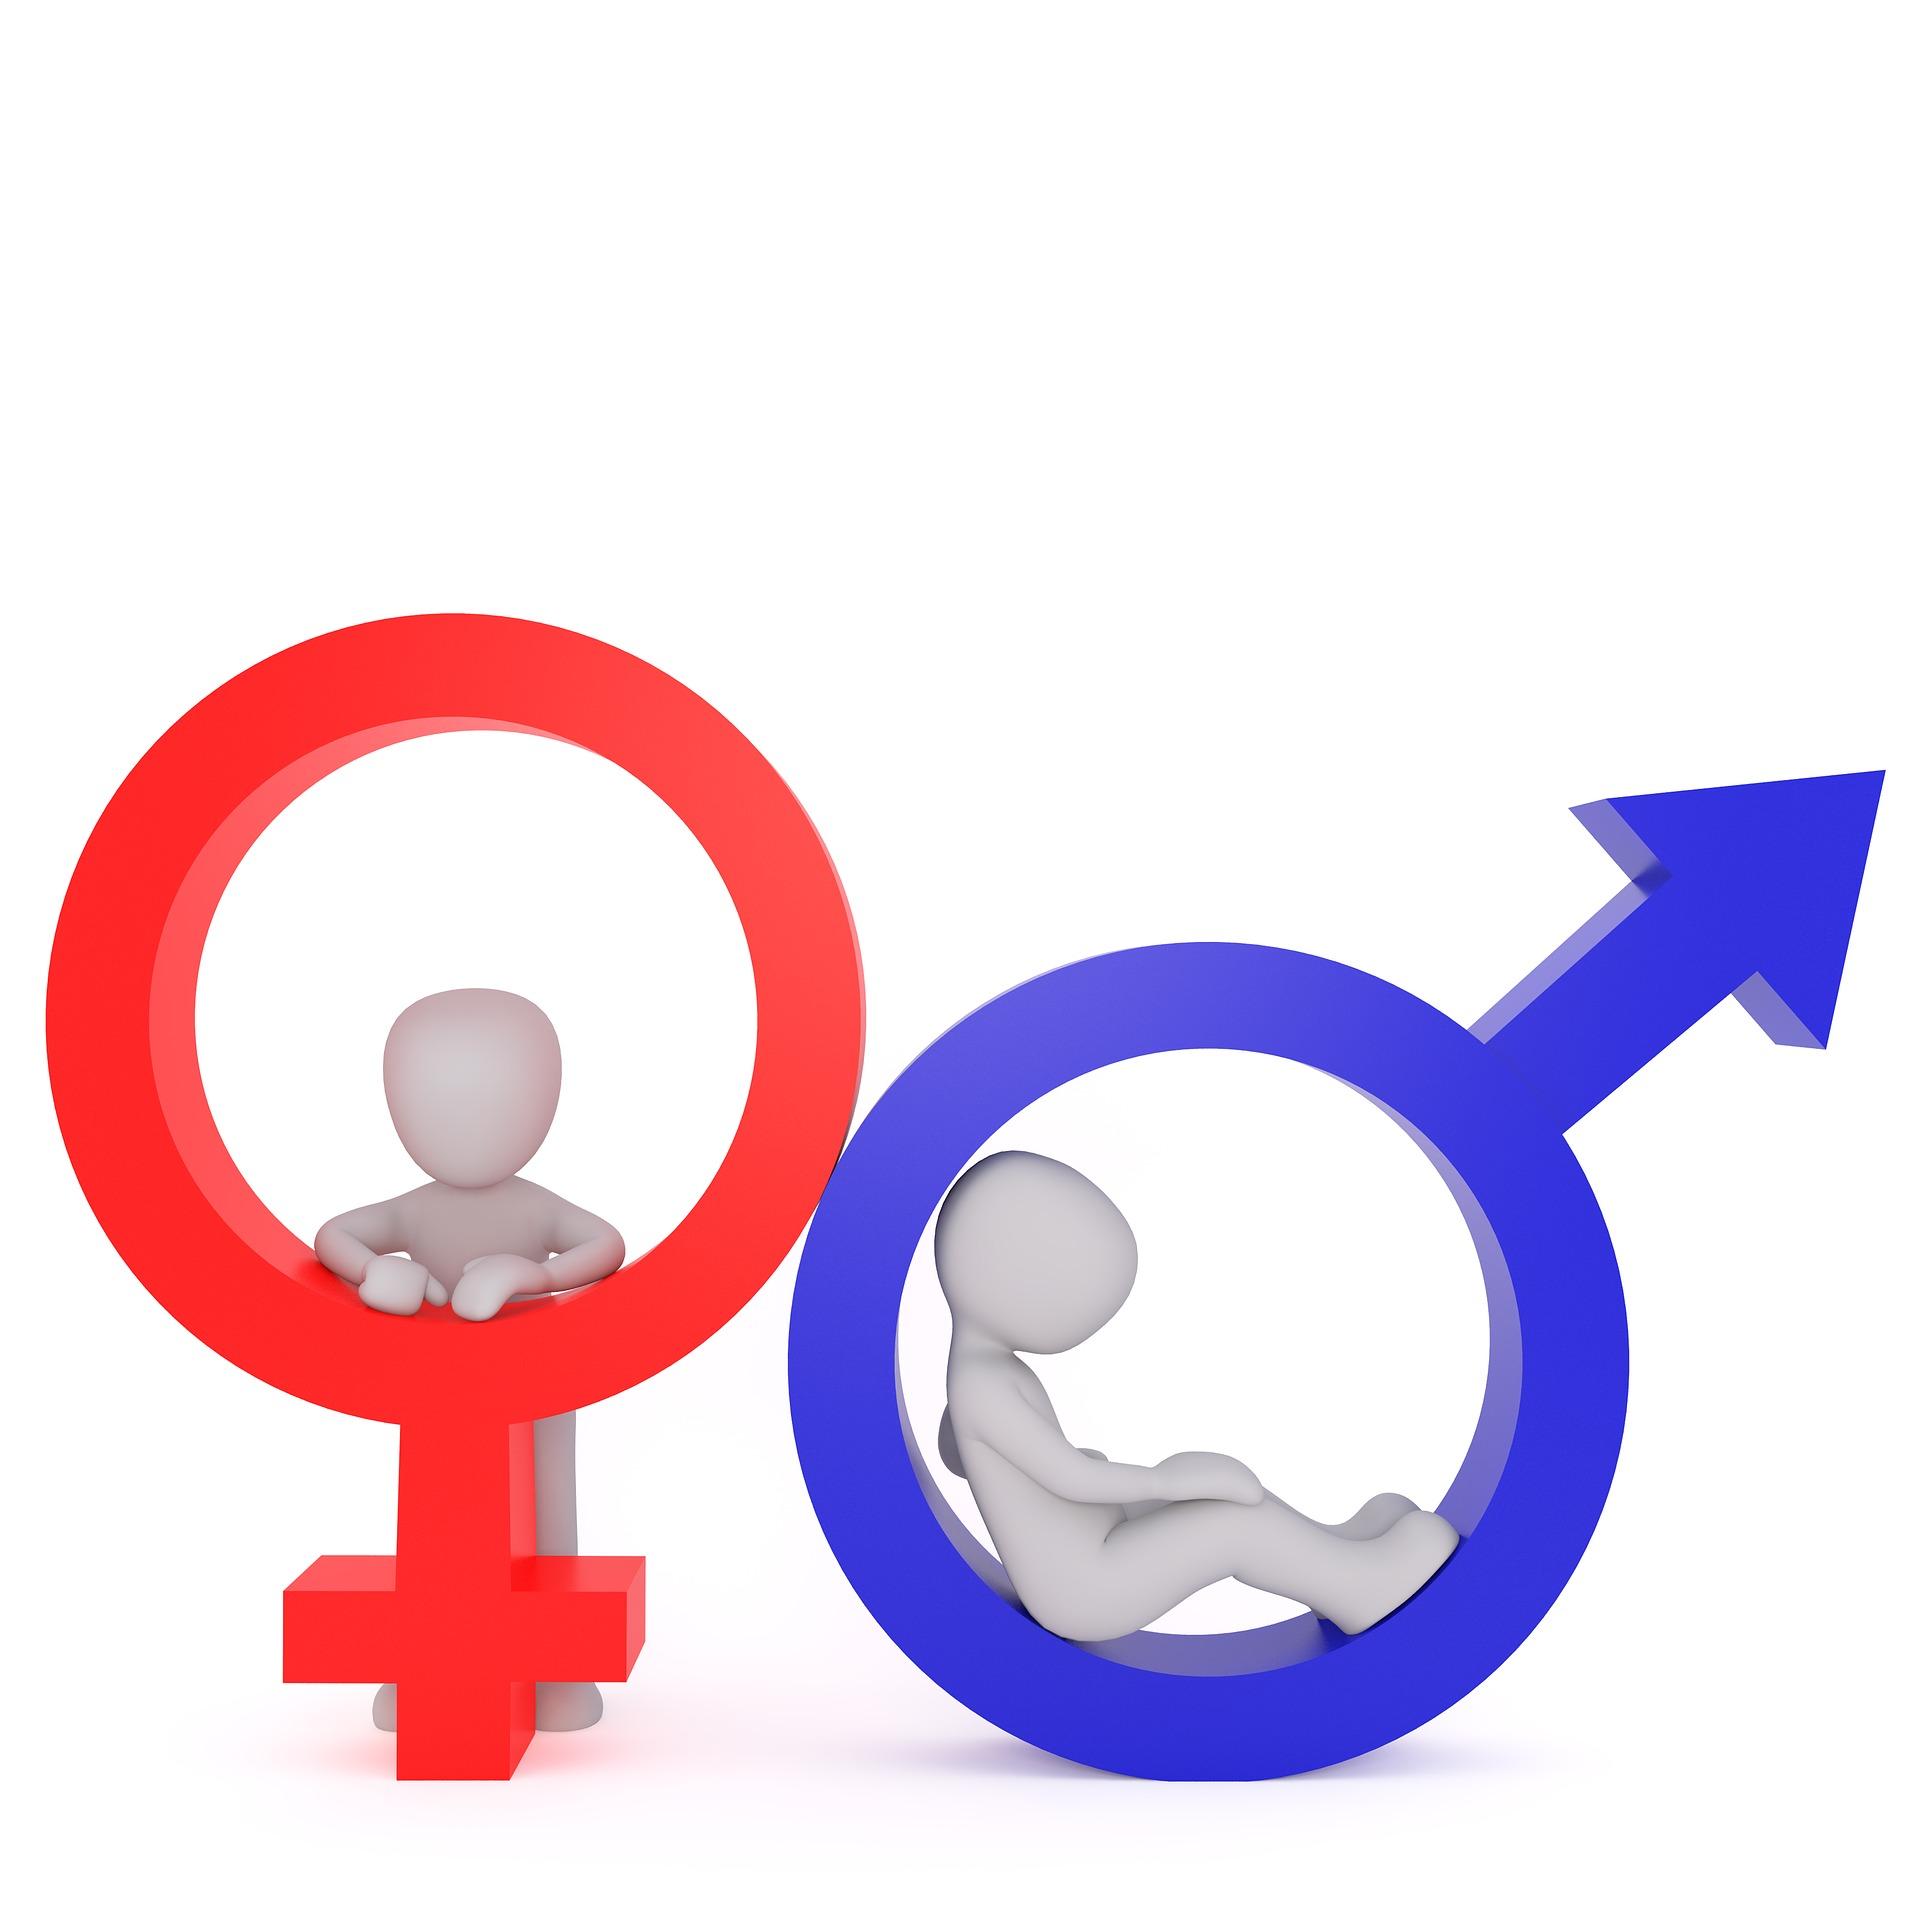 https://i1.wp.com/hr-weblog.com/wp-content/uploads/2021/04/gendern.jpg?fit=1920%2C1920